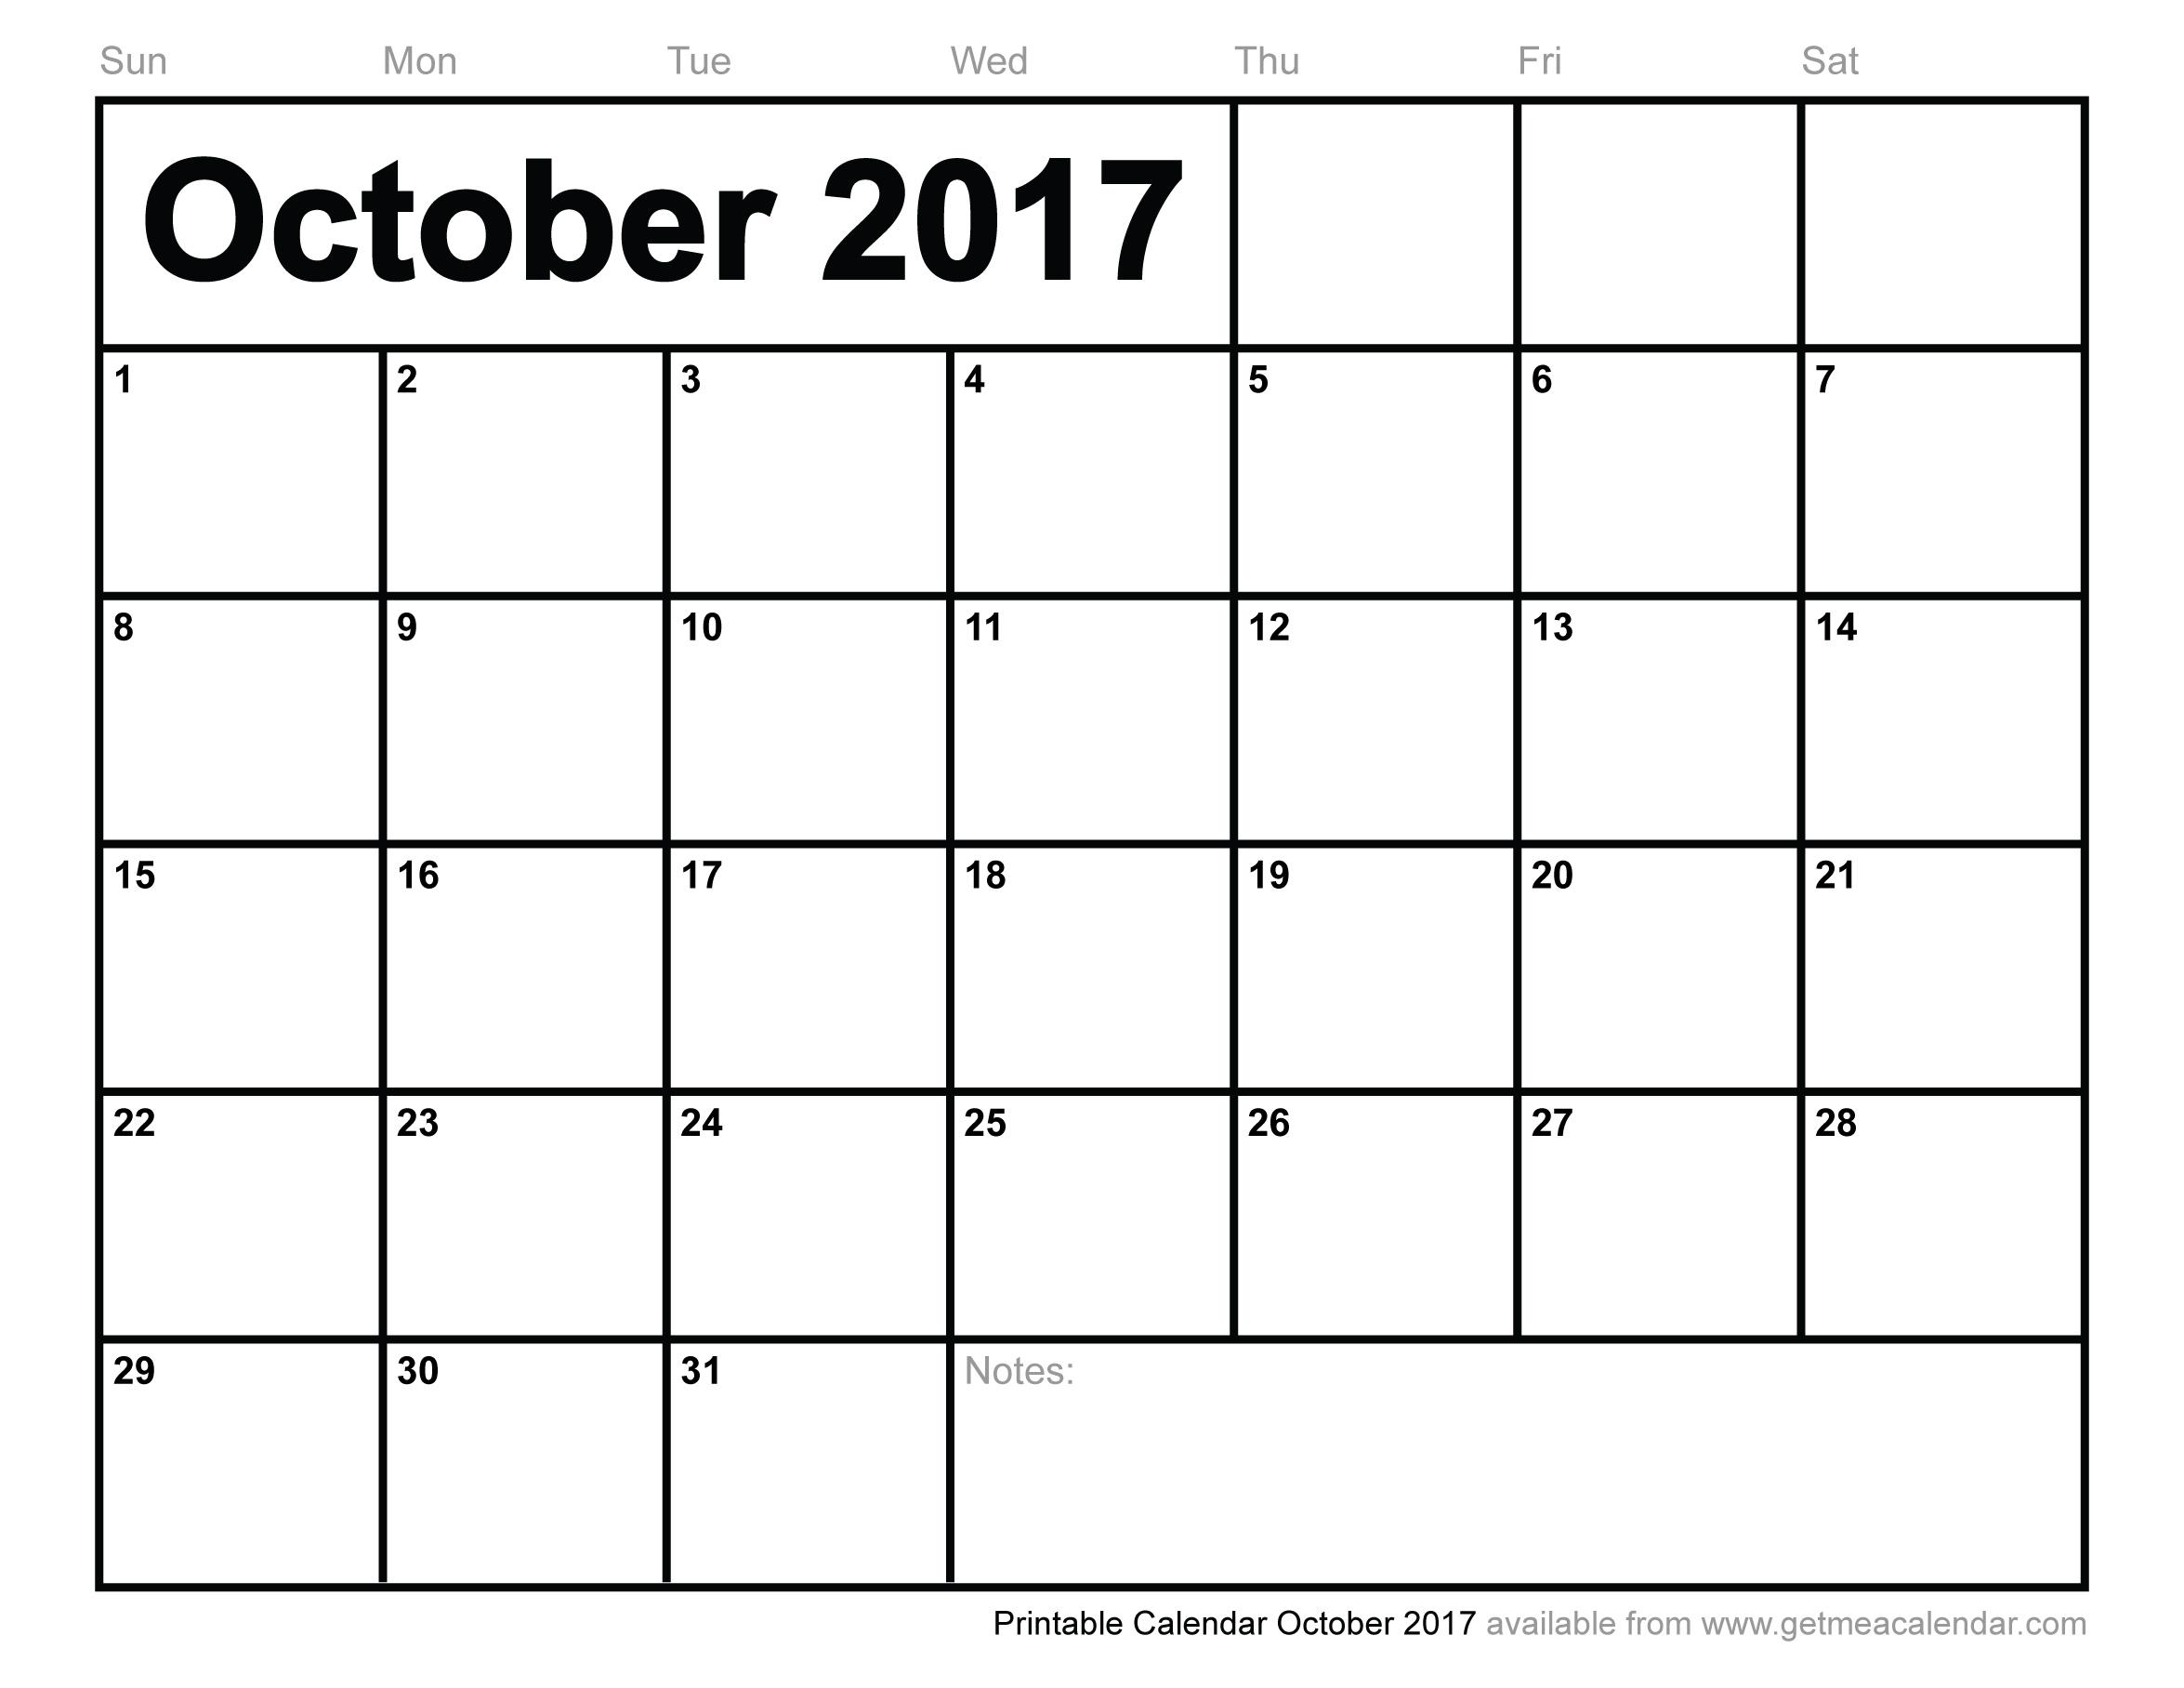 October 2017 Calendar Cute | printable calendar templates